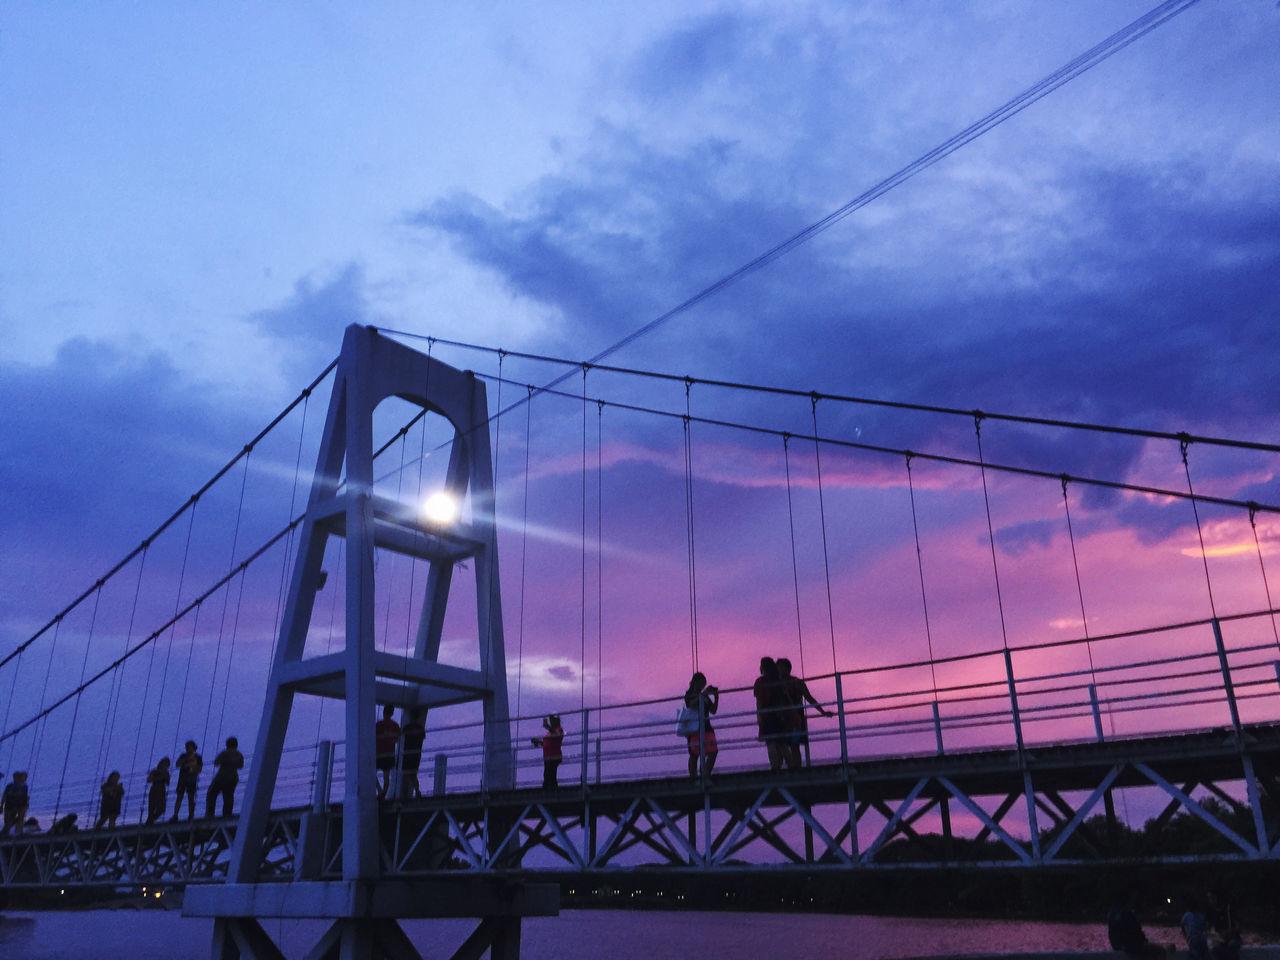 SILHOUETTE PEOPLE WALKING ON BRIDGE AGAINST SKY